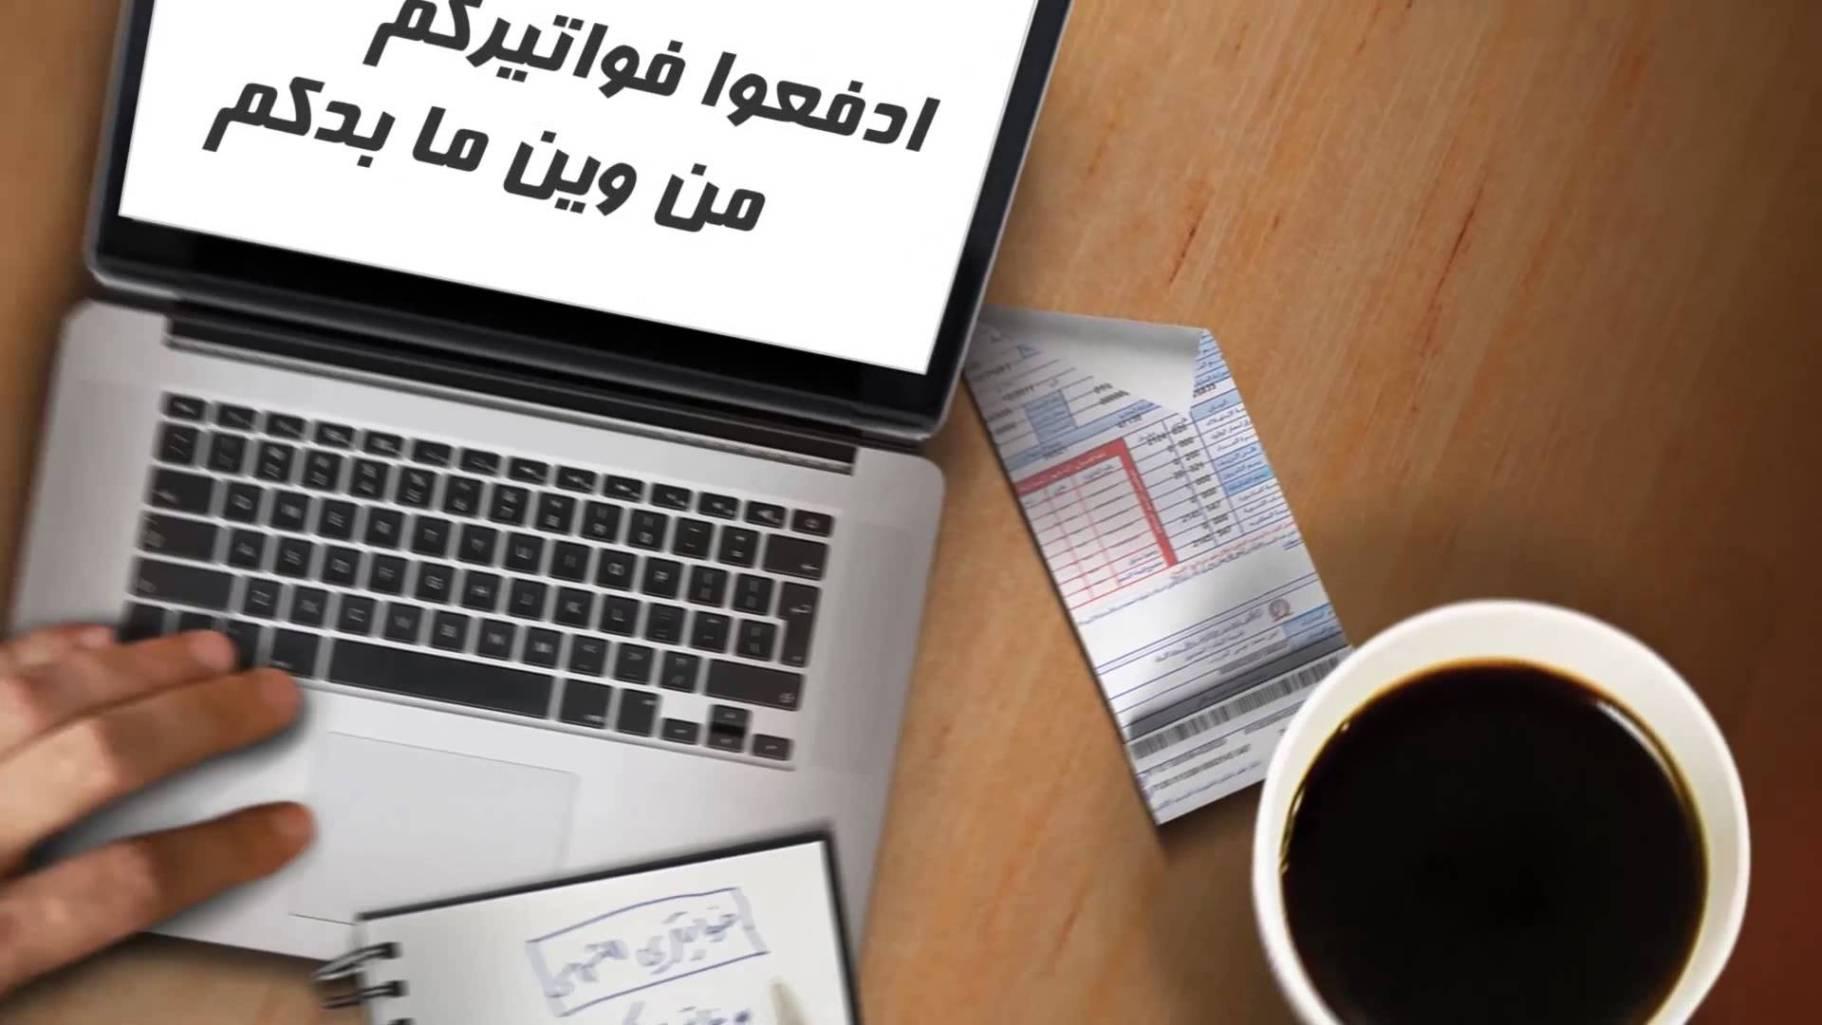 الأردنيون يسددون إلكترونيا فواتير بقيمة 414.3 مليون دينار في شهر